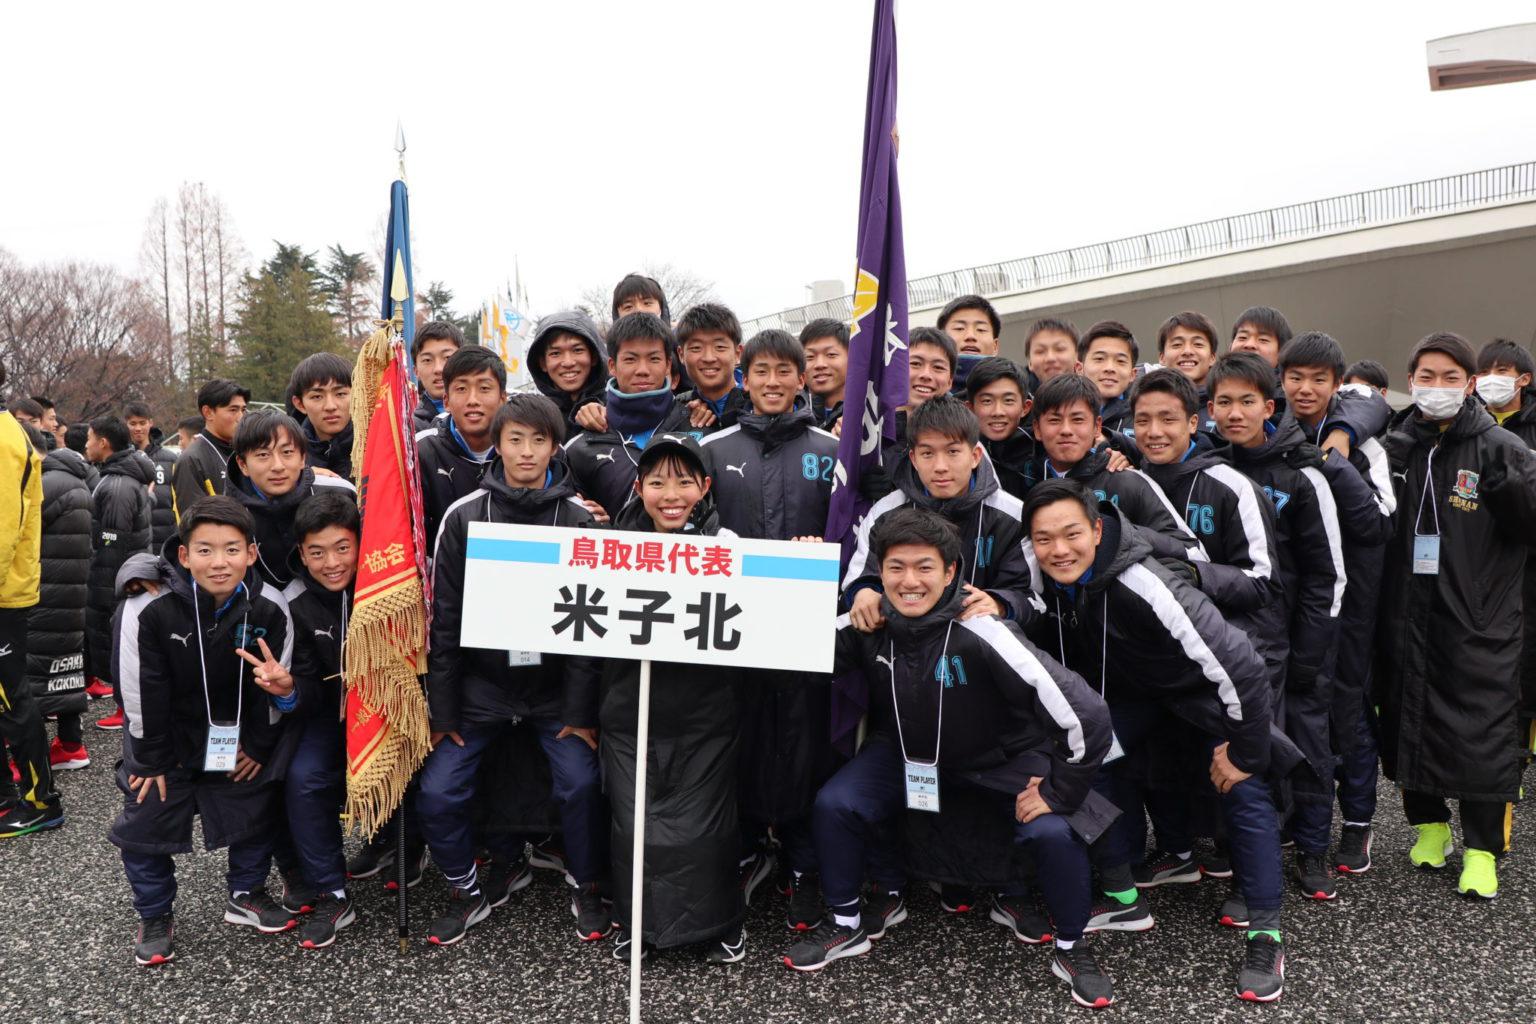 第98回 全国高校サッカー選手権大会速報&応援ページ